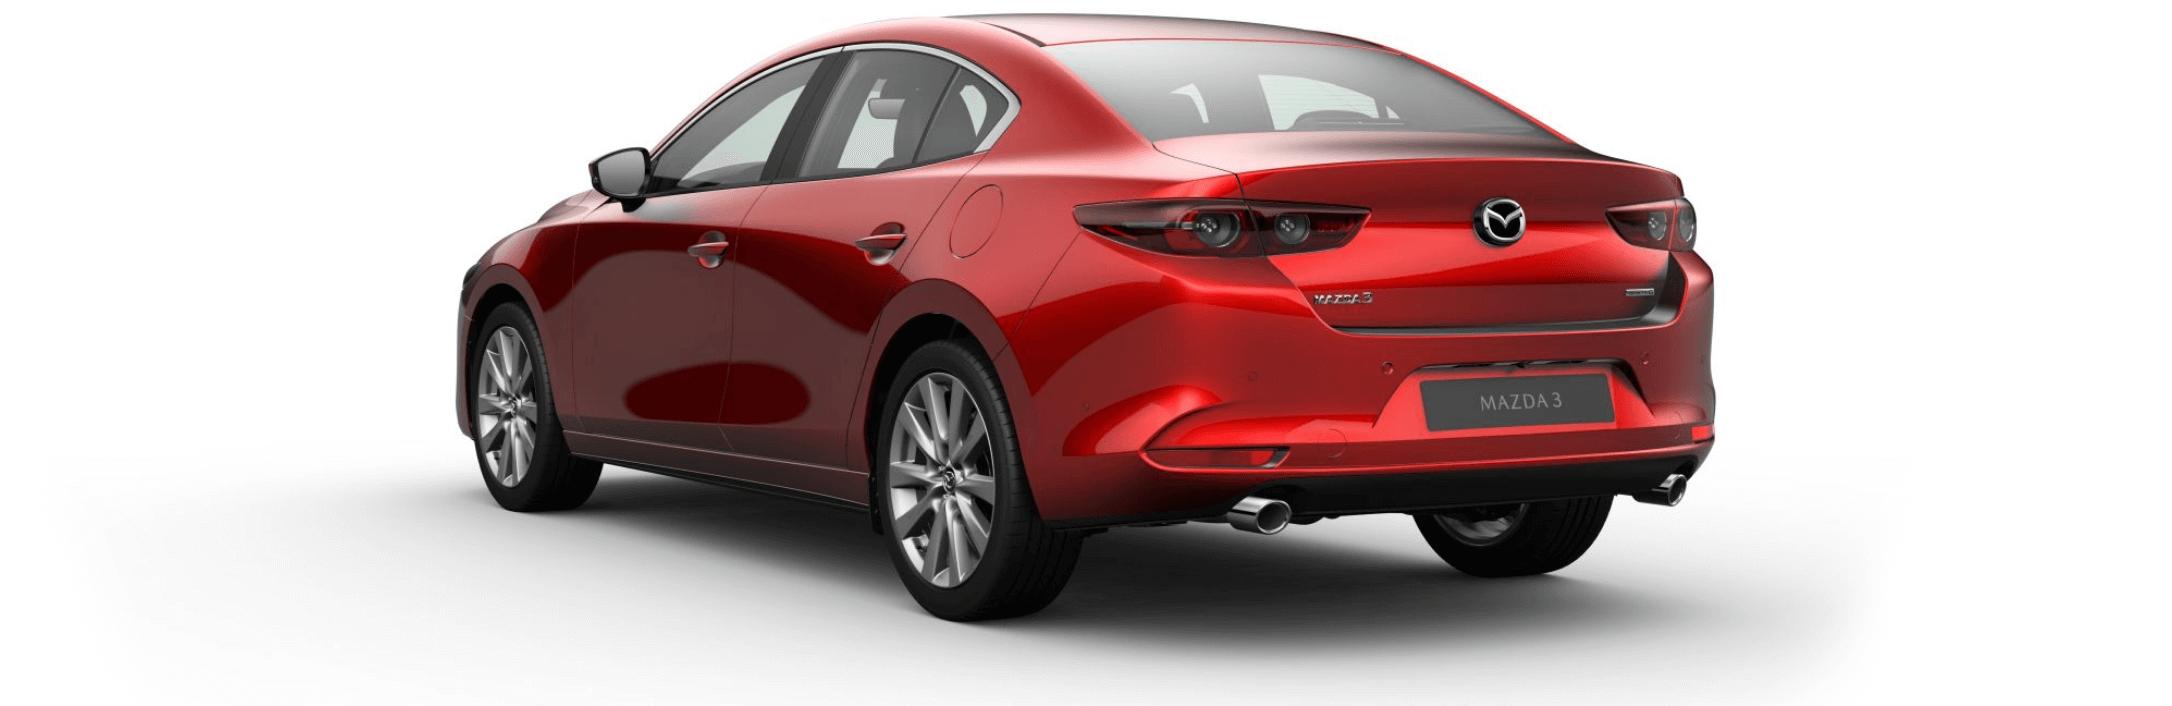 Mazda3 SEDAN 2.0 Skyactiv-G 122 Skydrive